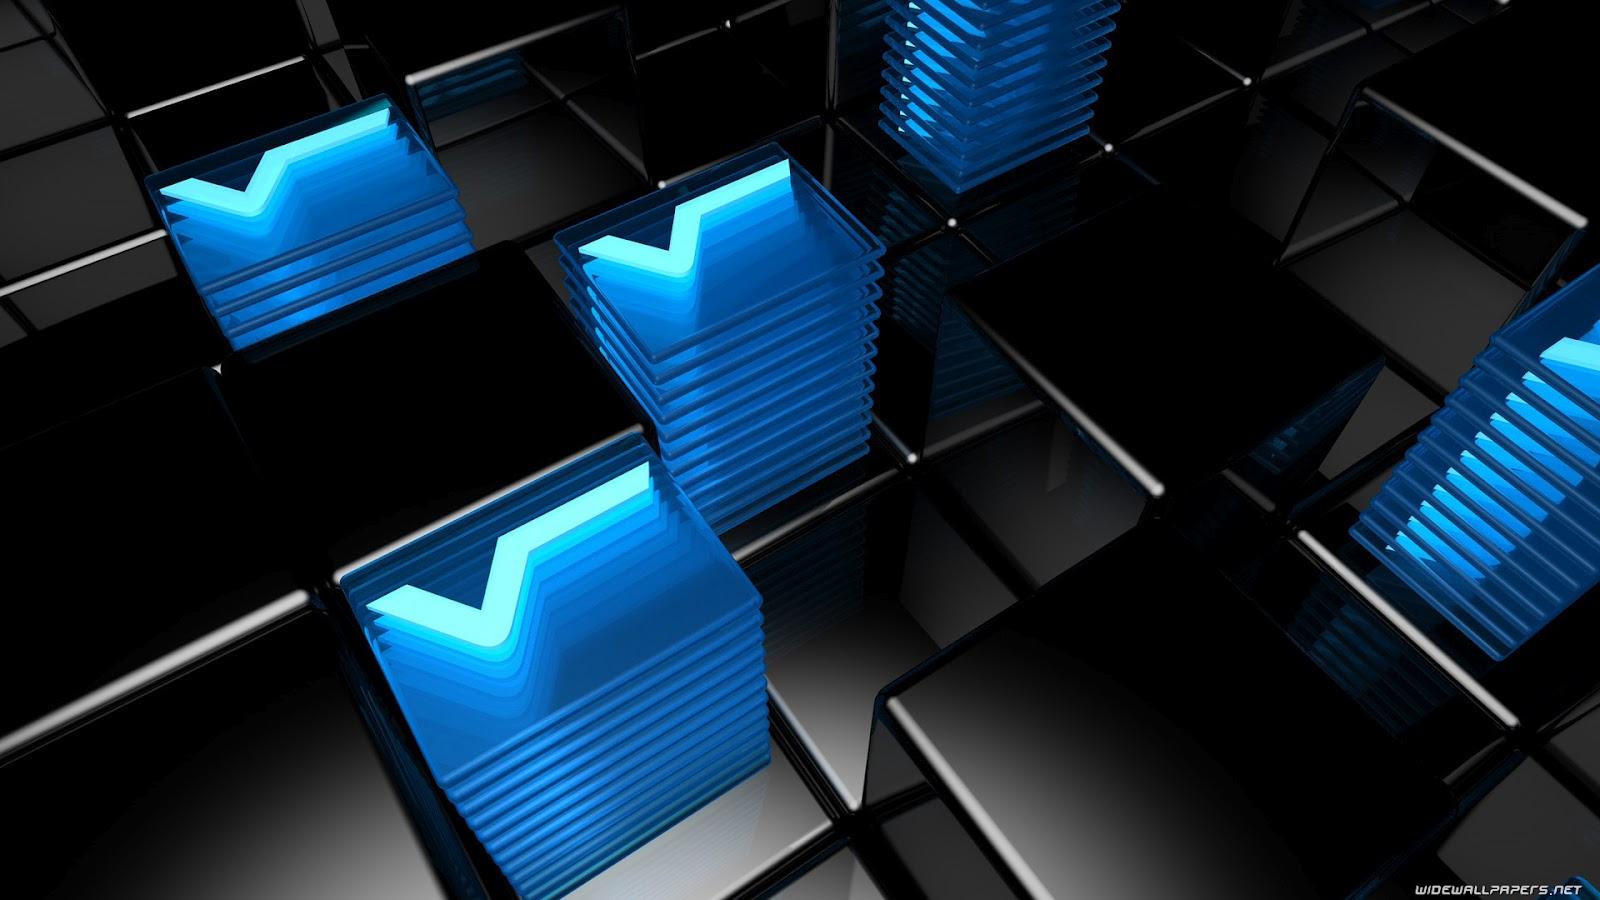 http://3.bp.blogspot.com/-5K_2DQij-yY/UF4kR1WxkSI/AAAAAAAAA9E/ejJAnGKC220/s1600/3d-wide-wallpaper-1920x1080-004.jpg